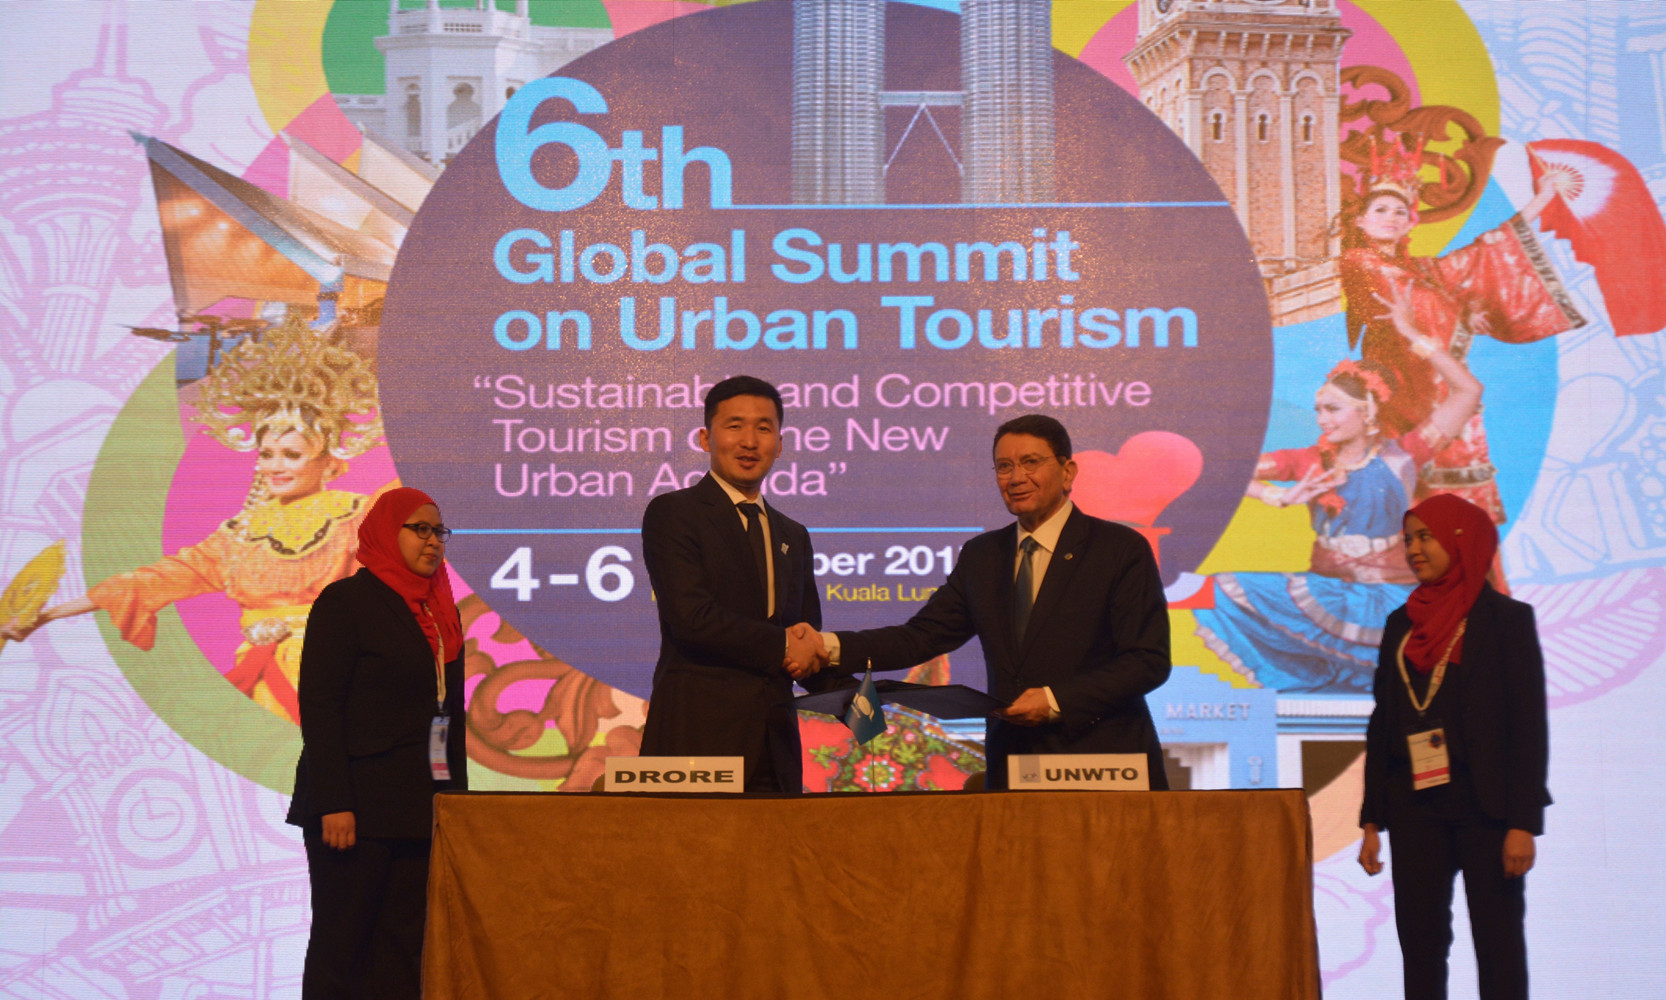 浙大科技园毕业企业卓锐科技与联合国世界旅游组织签署战略合作协议: 科技共推旅游可持续发展